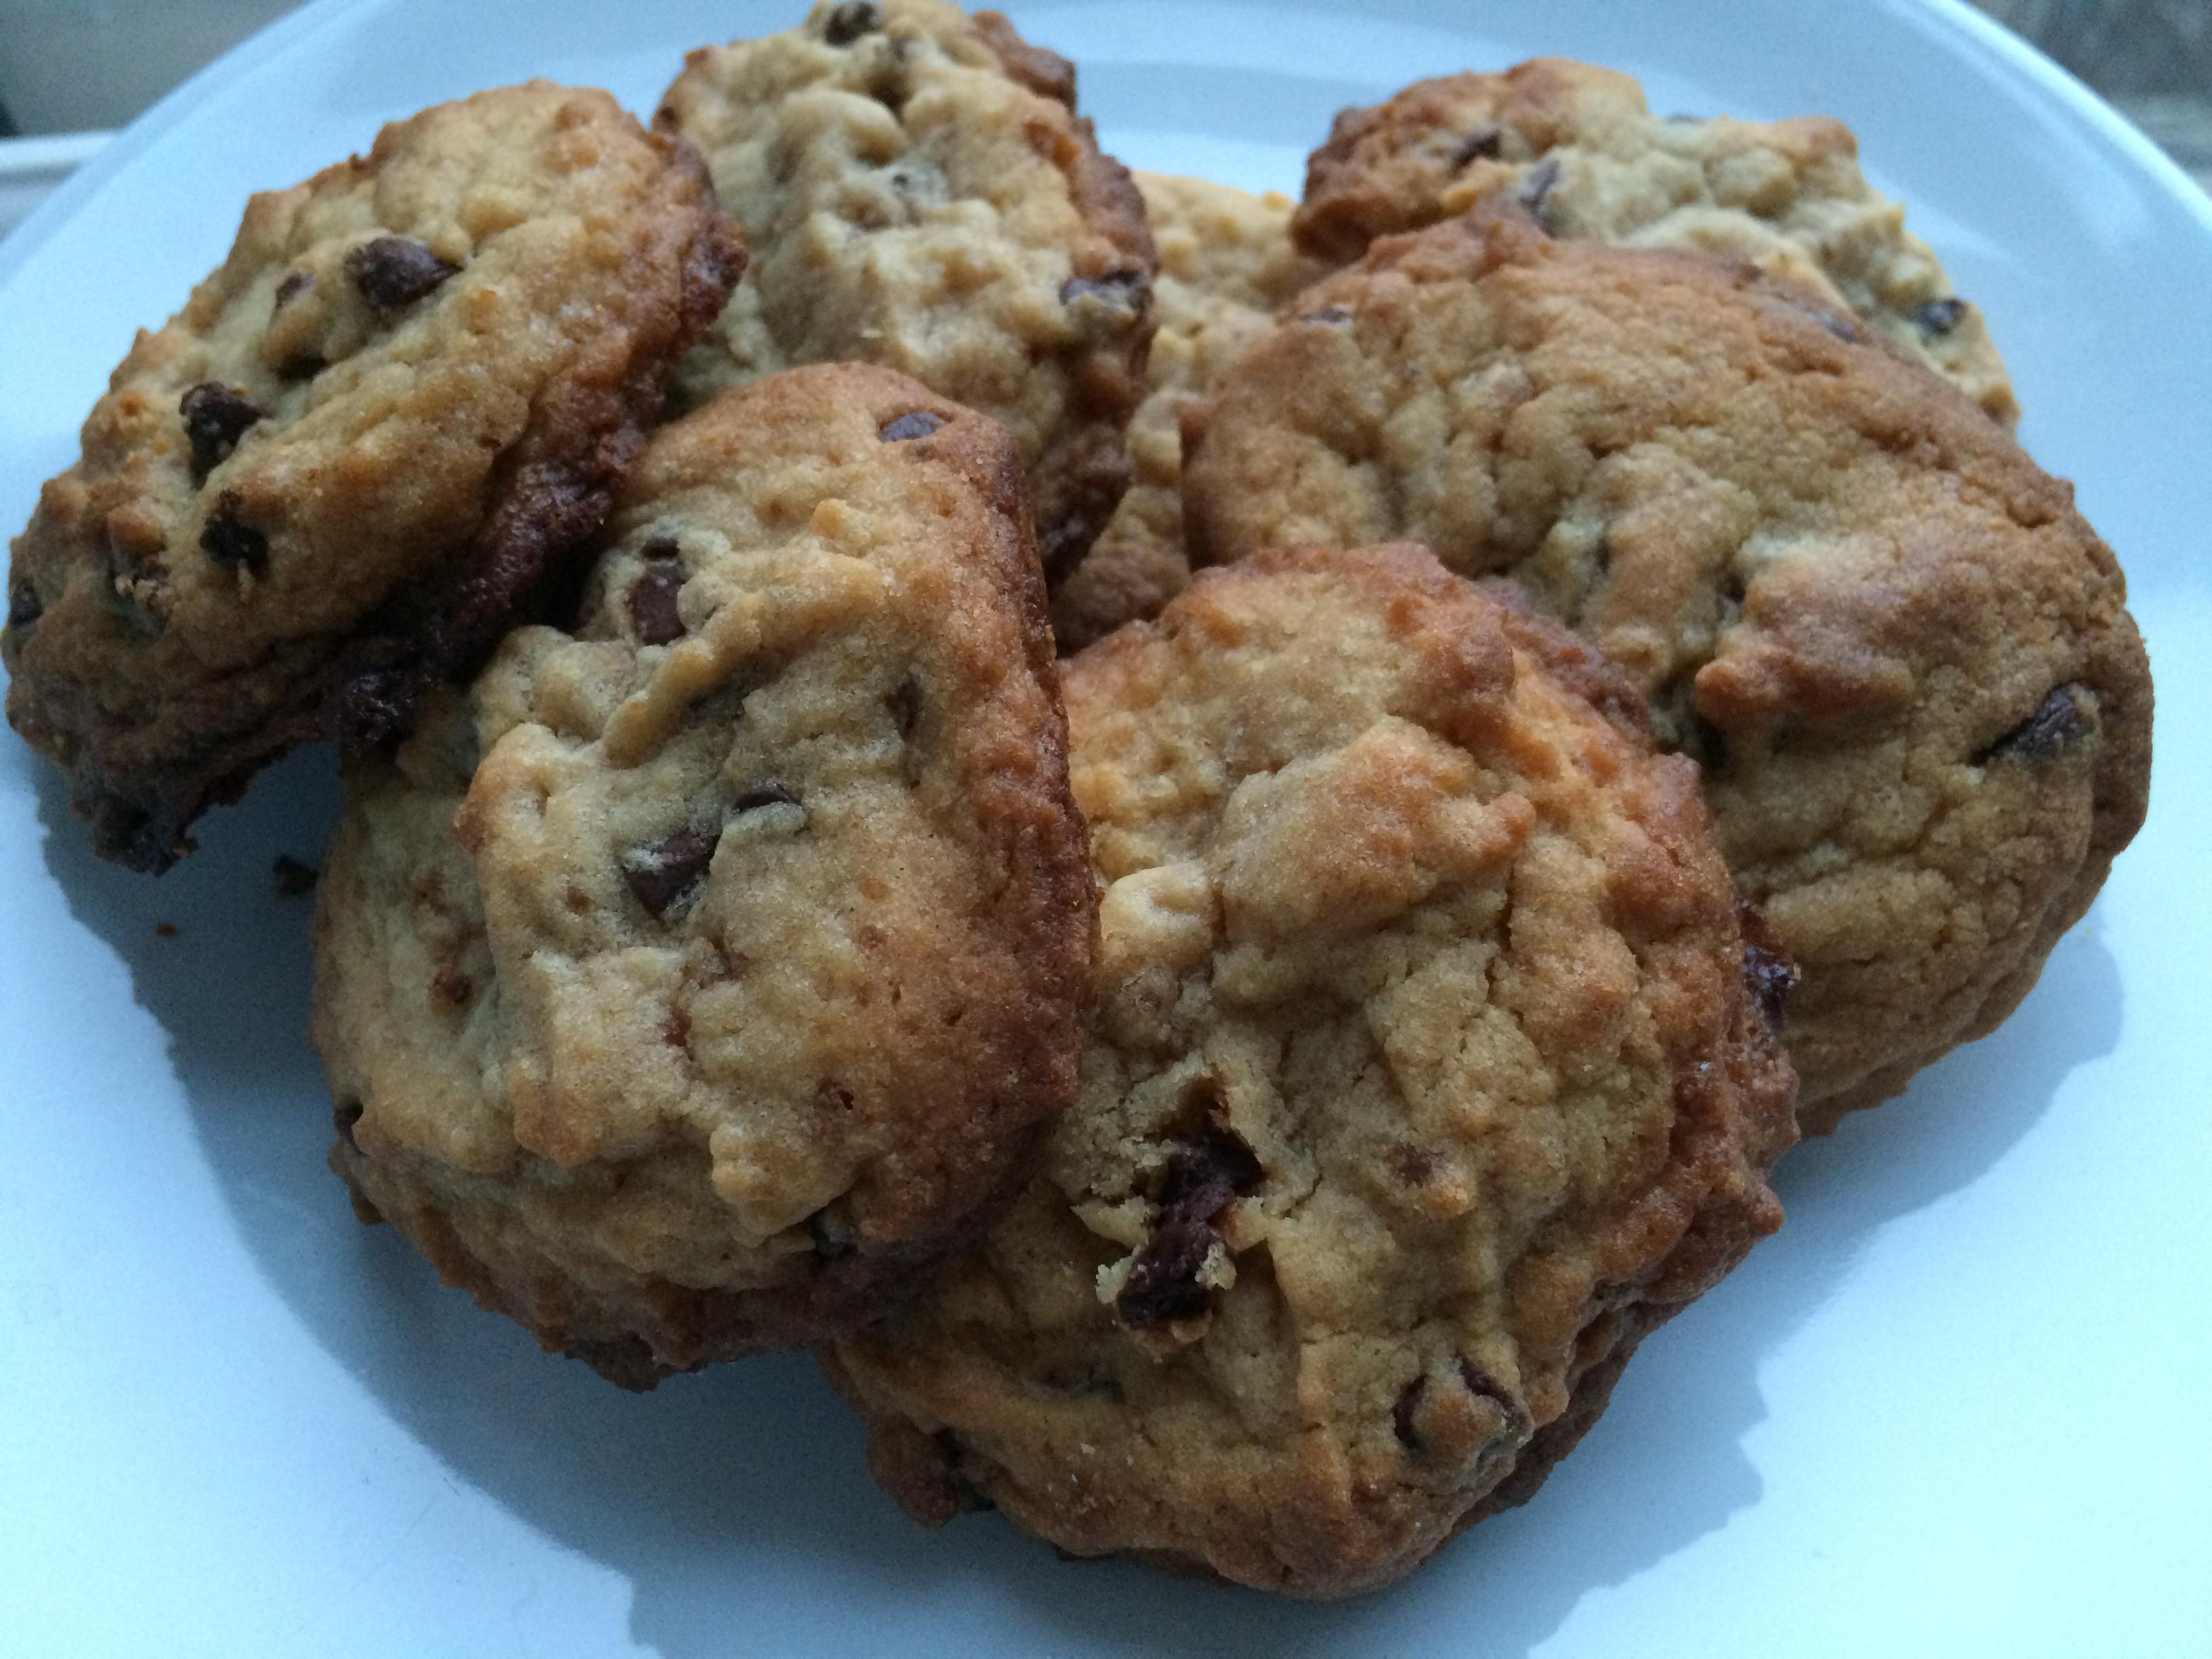 Assiette de cookies américains fait maison avec pépites de chocolat.